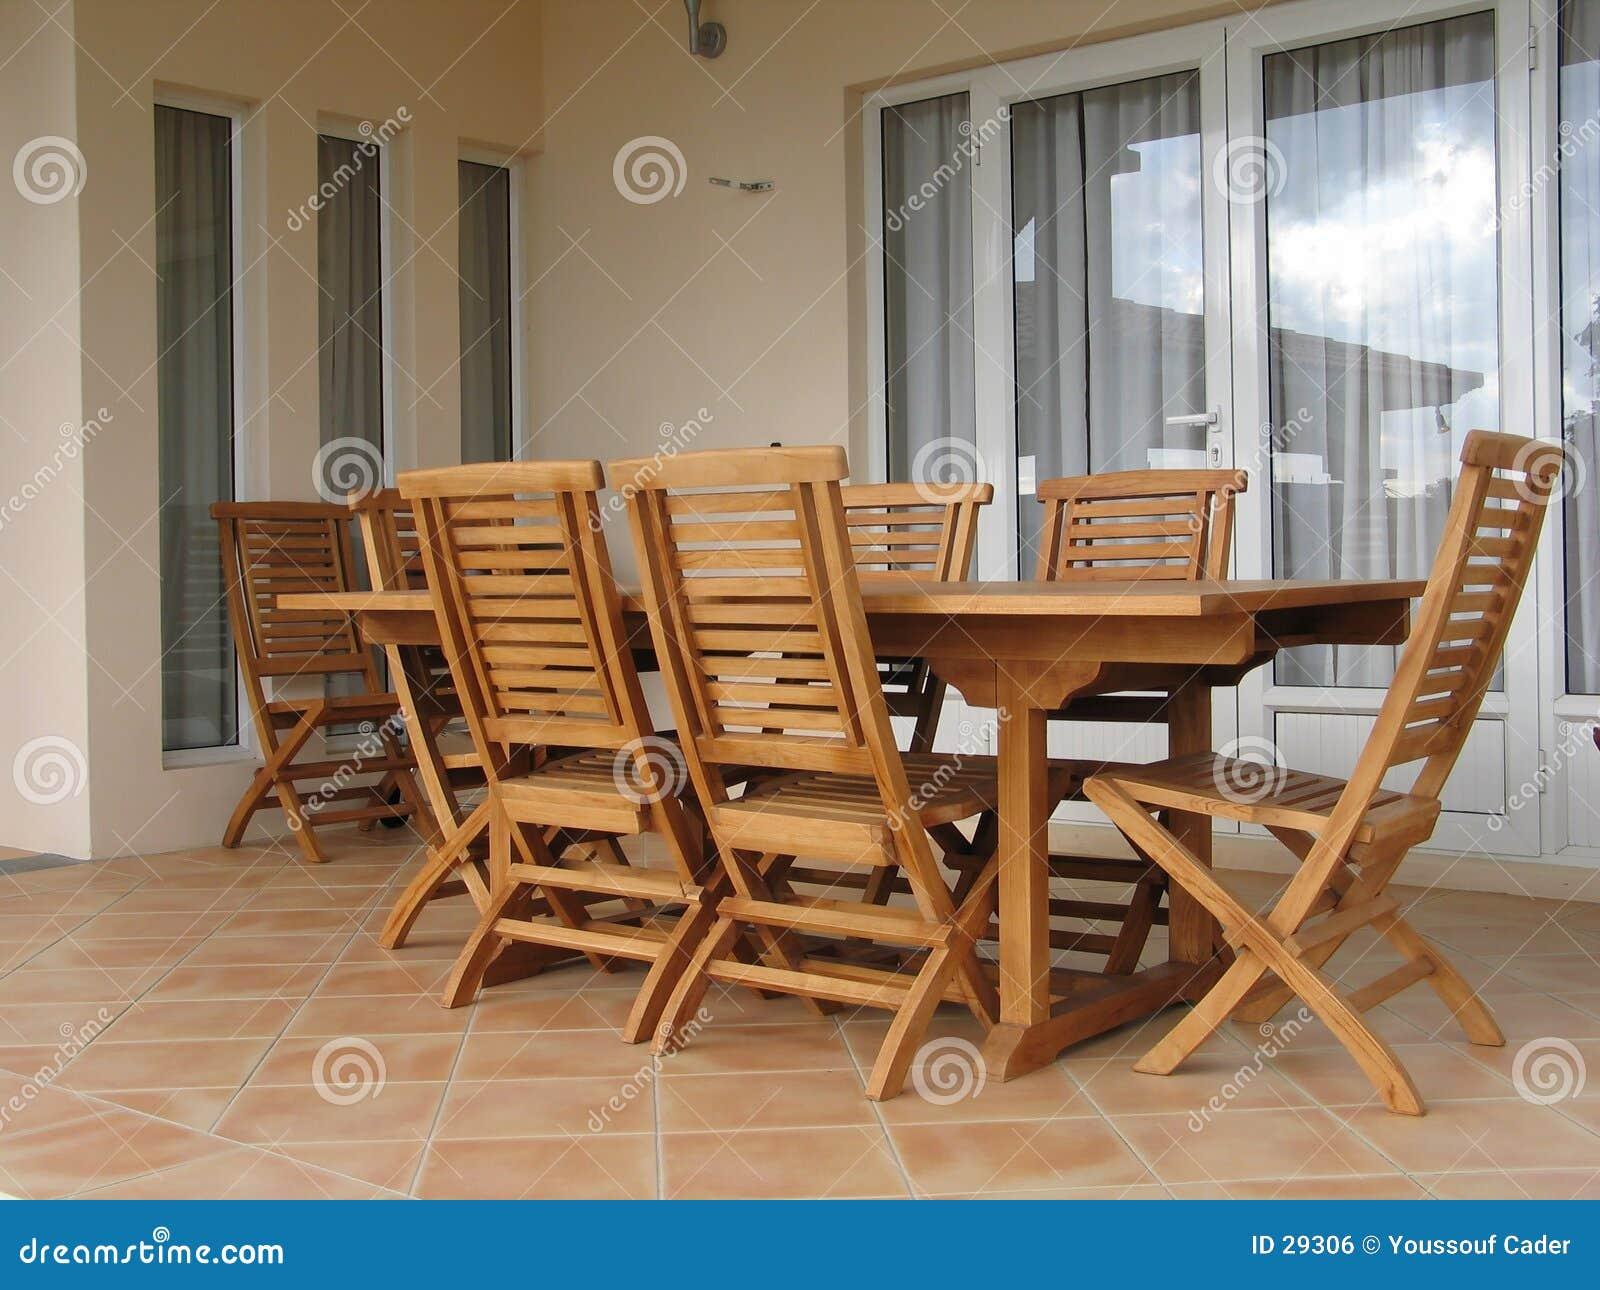 Download Conjunto de madera 1 foto de archivo. Imagen de diseño, silla - 29306